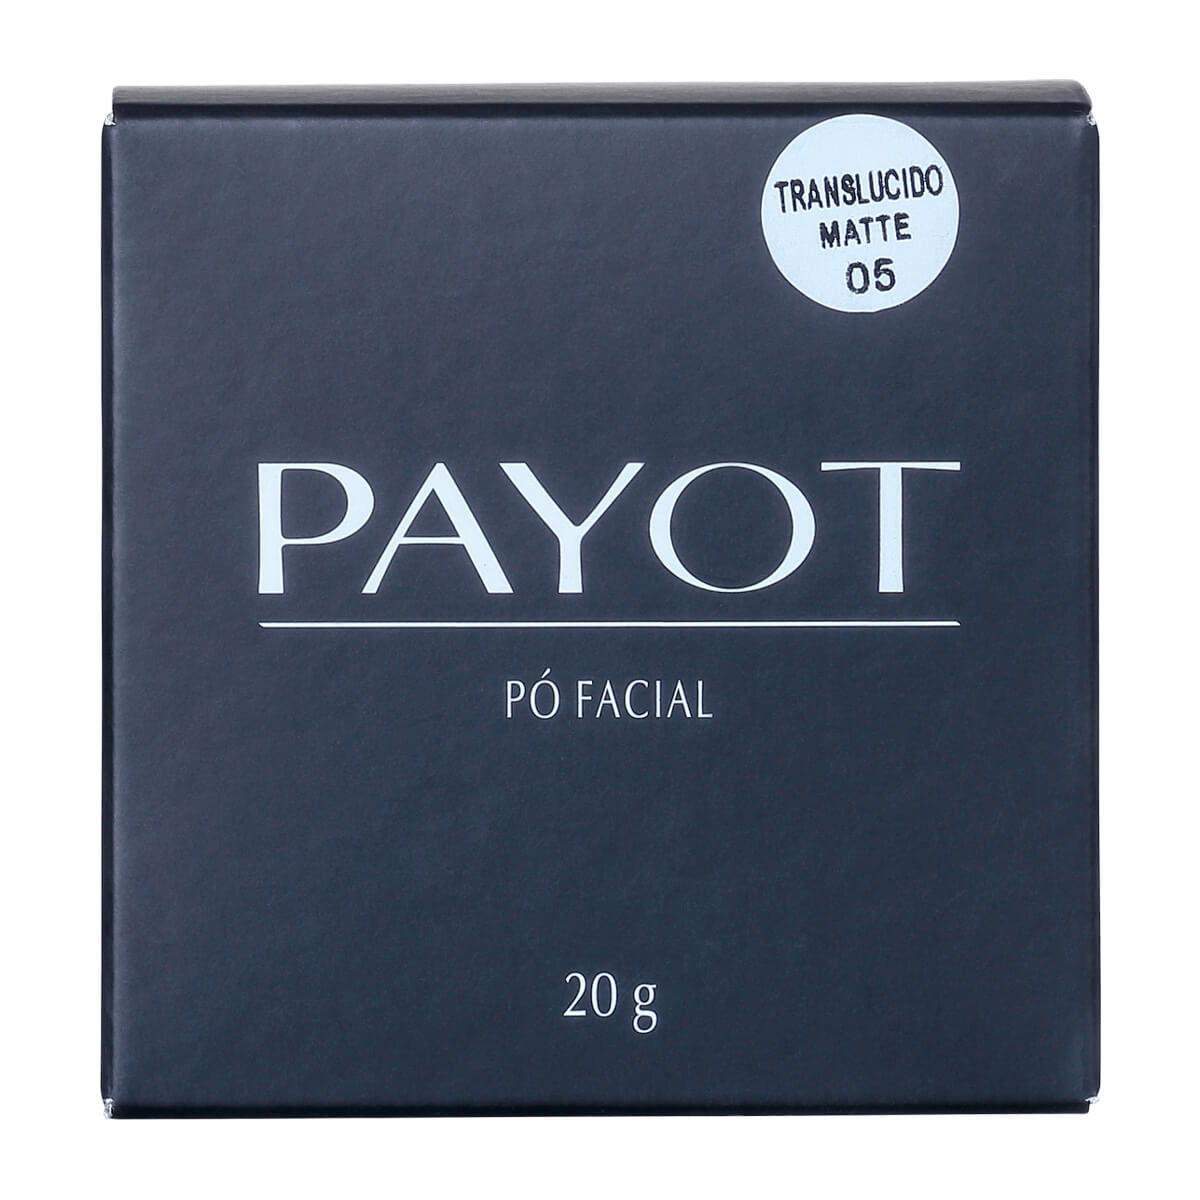 Pó Facial Translúcido Crepúsculo Payot 04 - Textura Super Fina